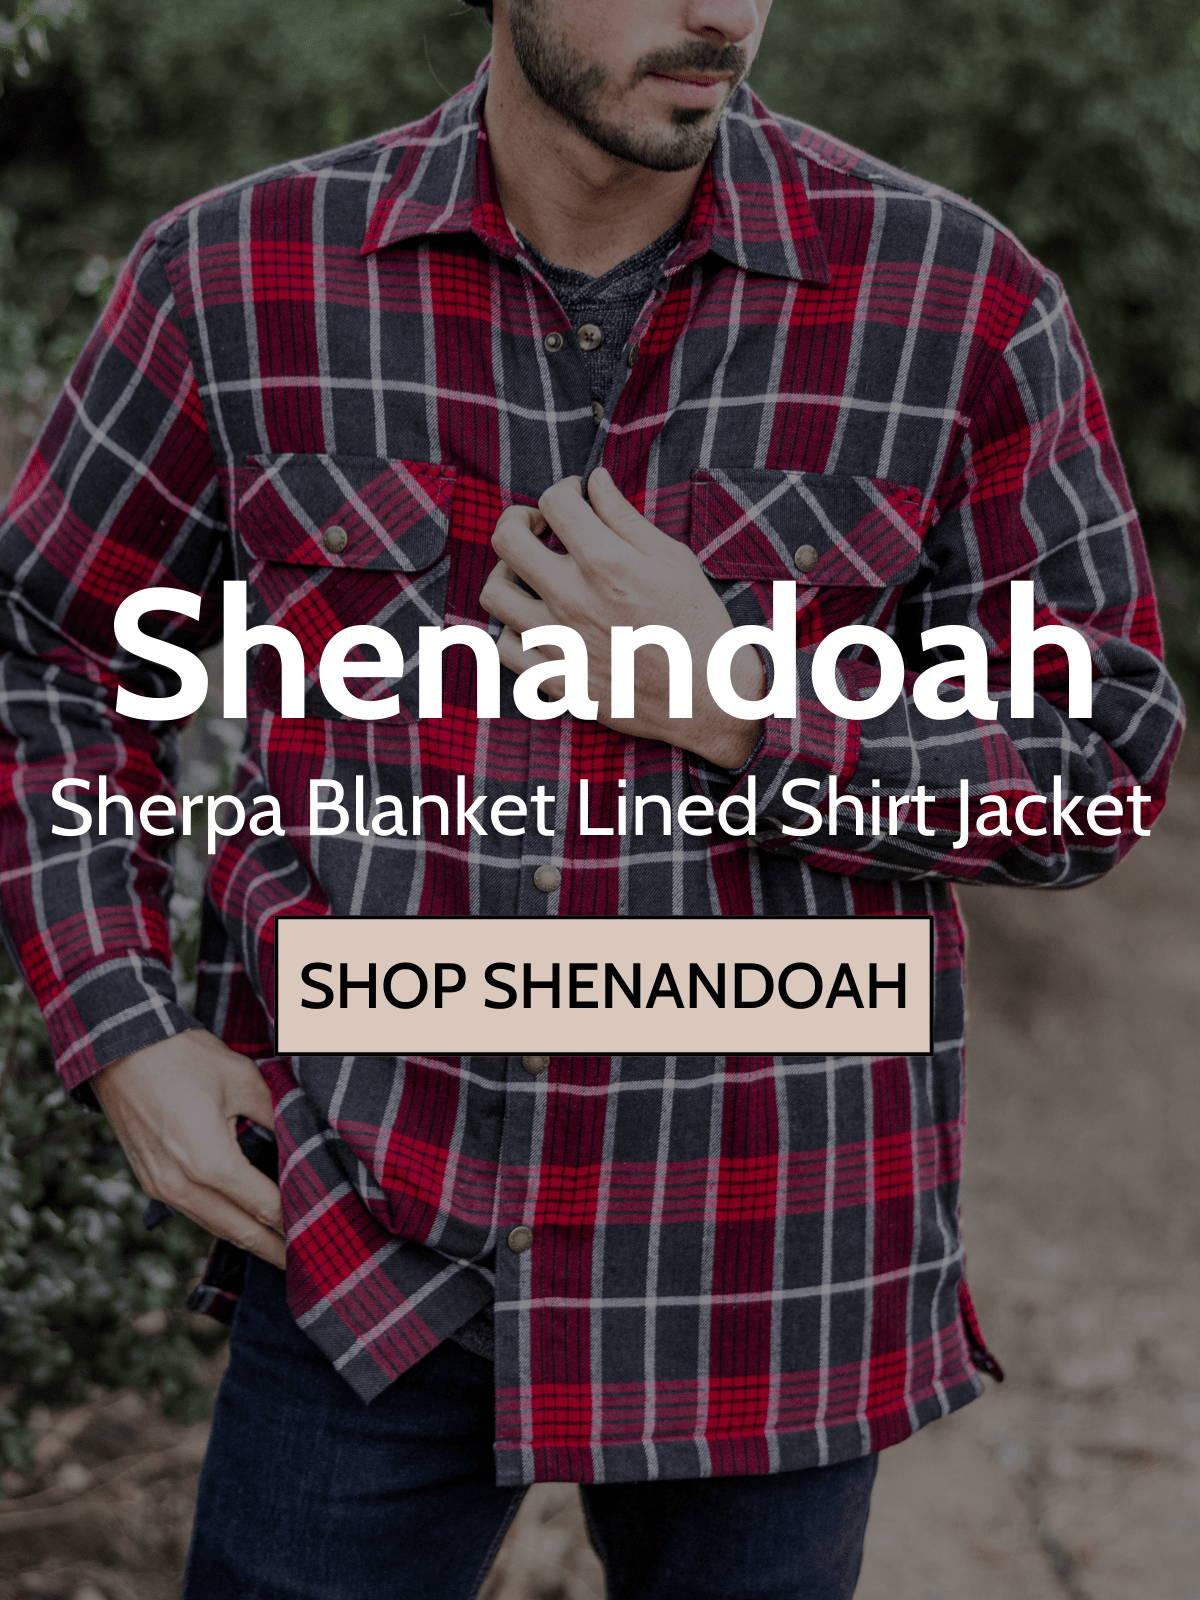 Man wearing shenandoah shirt jacket